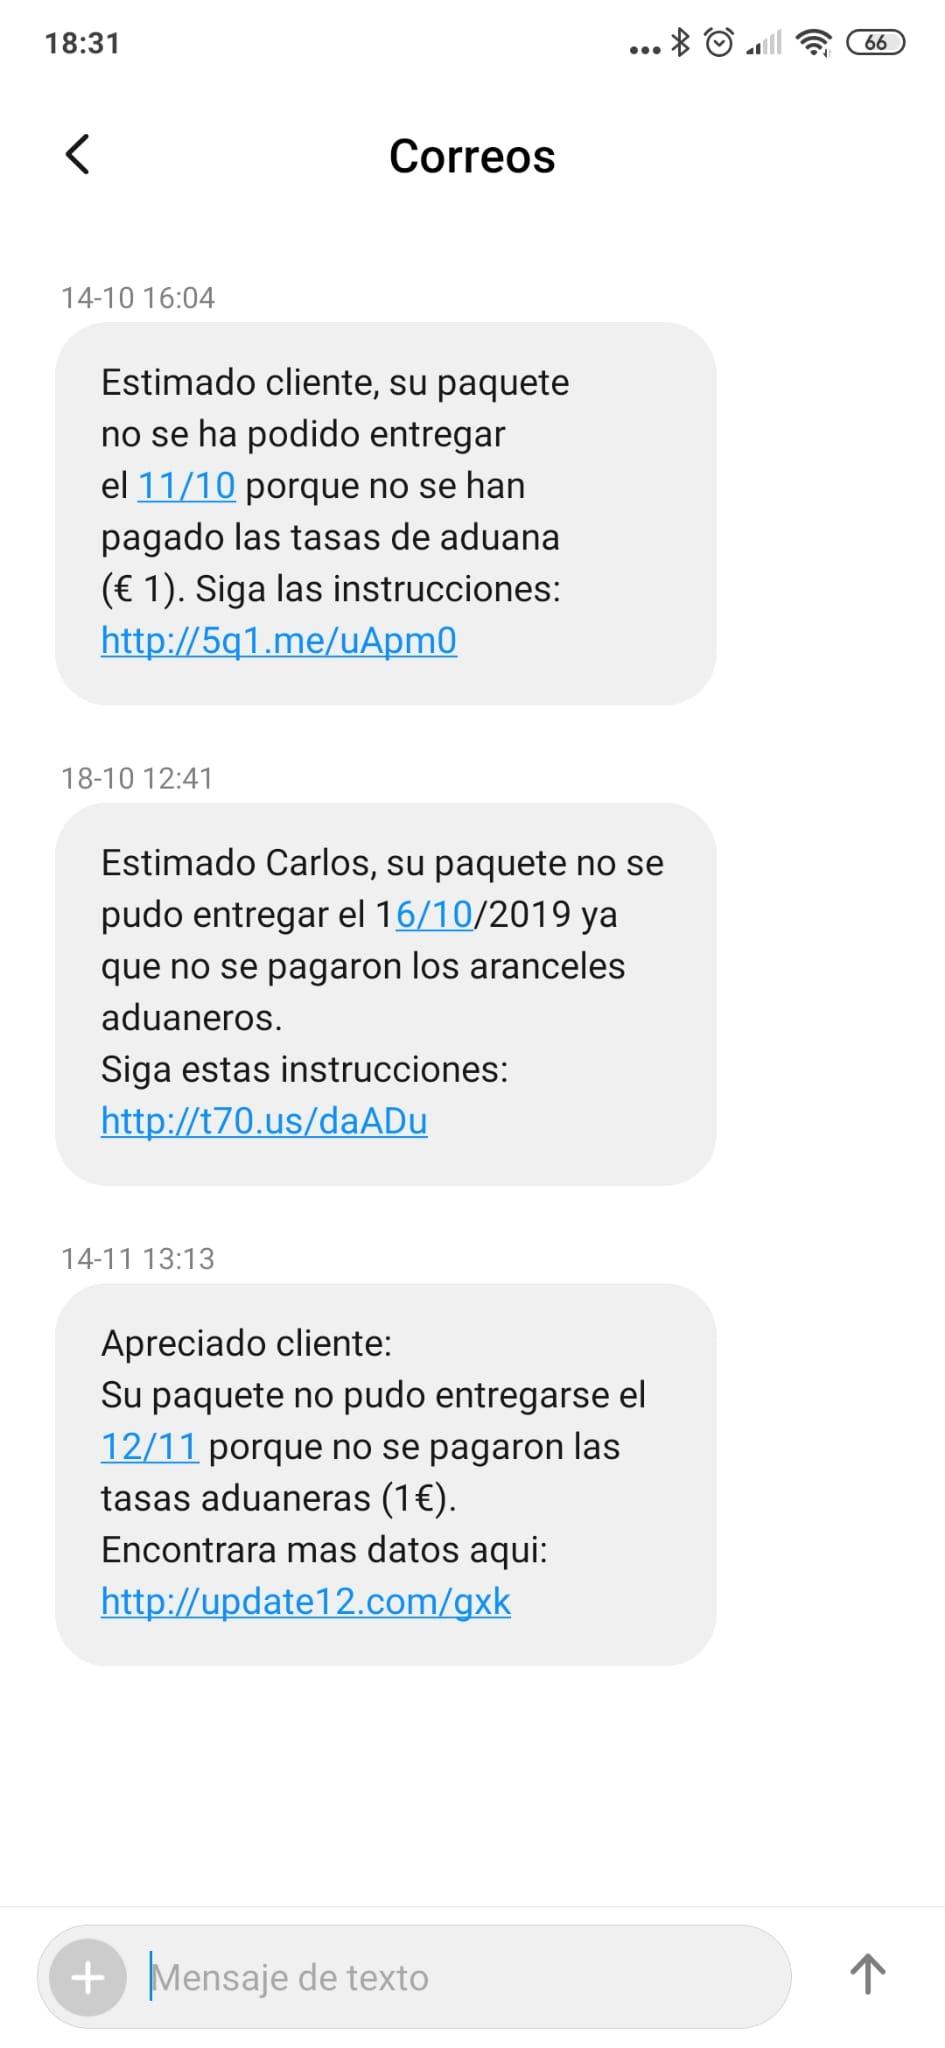 phising-correos-continuacion